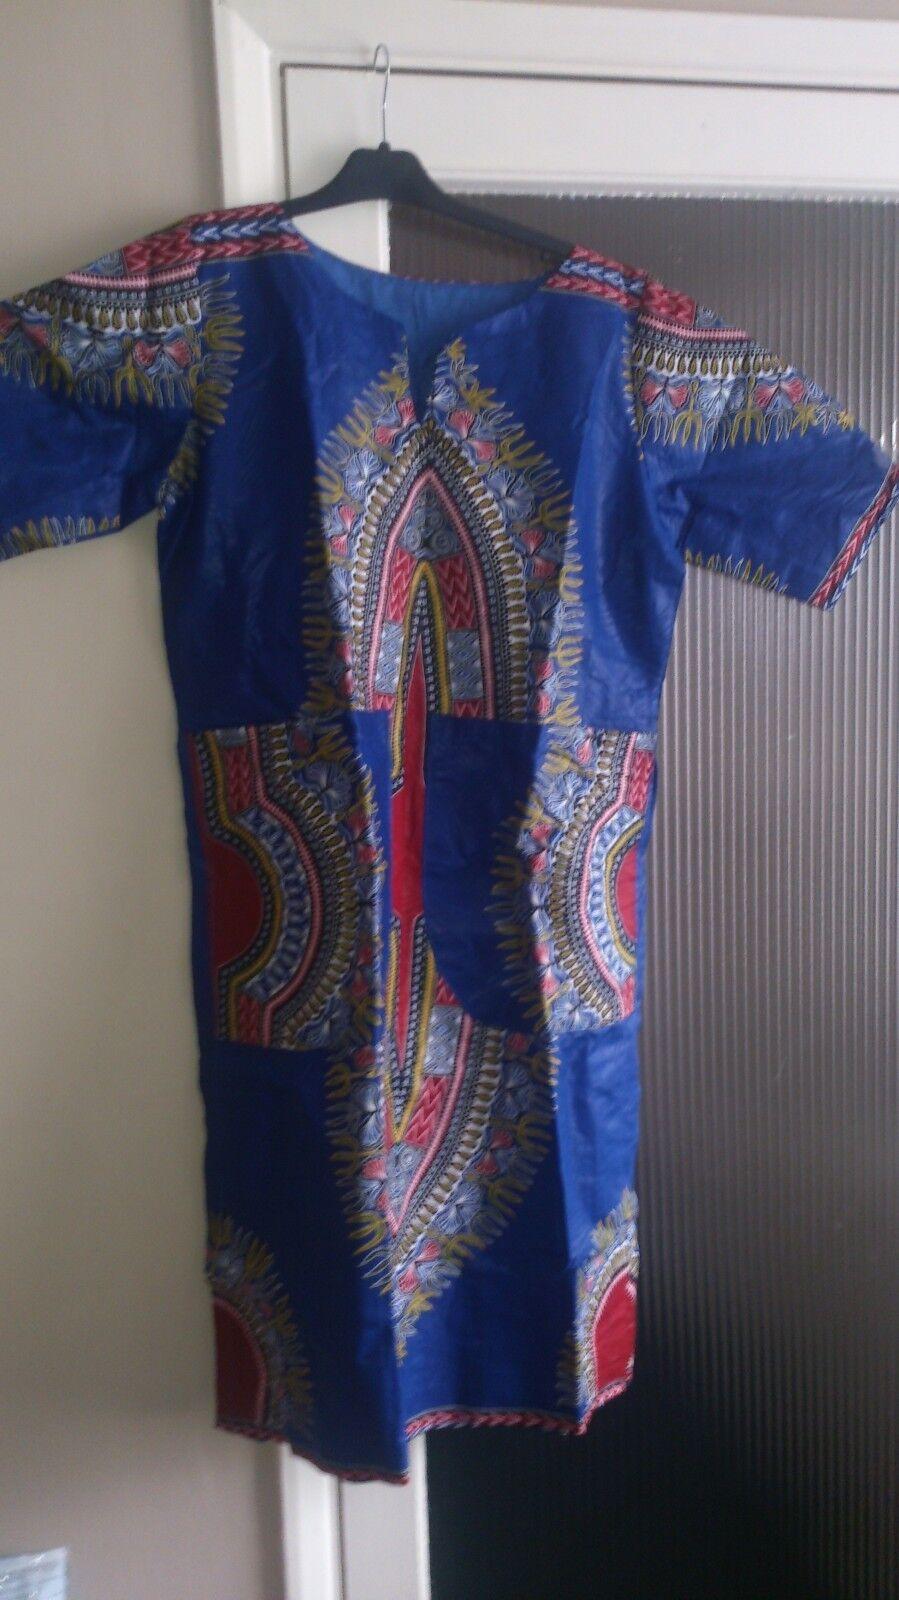 DRESSES AFRICAN TEXTILE KAFTAN DRESSES SIZE 16/18UK. BLUE COLOUR